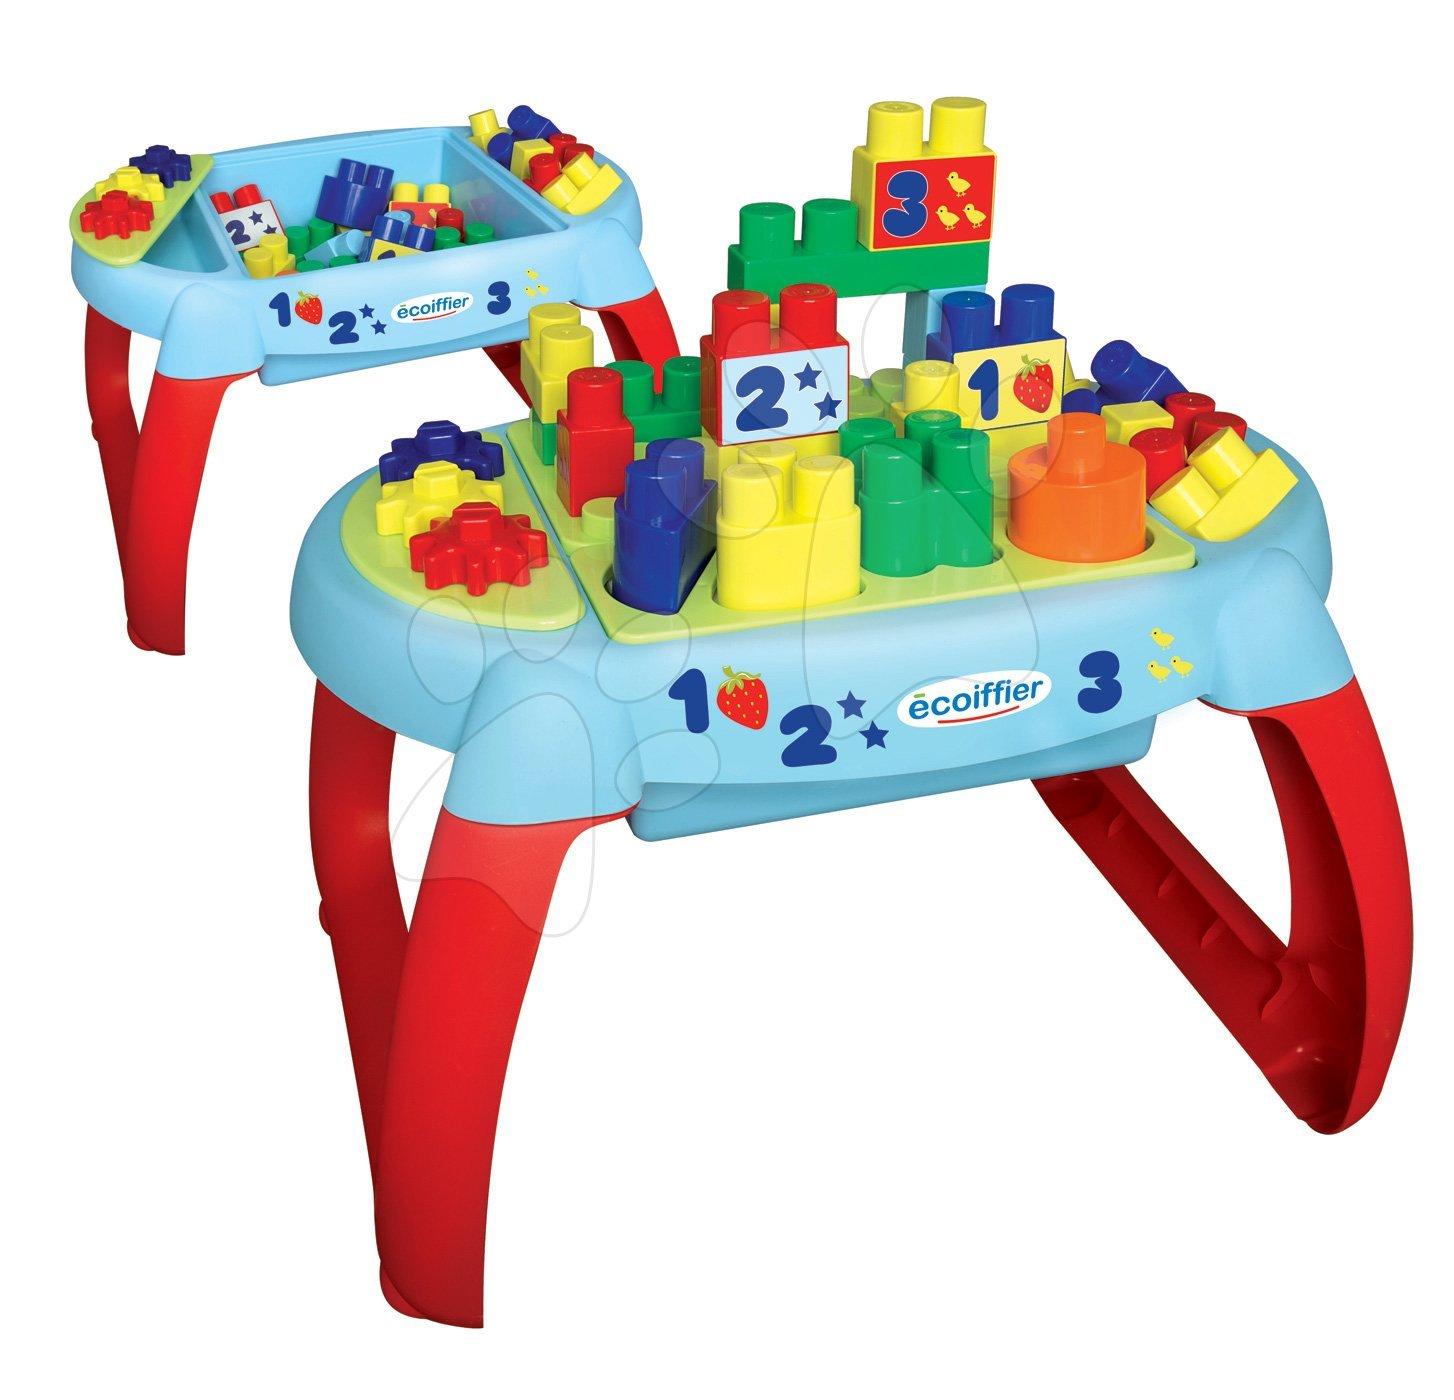 Kocke za dojenčke Les Maxi Écoiffier mizica 32 kock različnih oblik od 12 mes